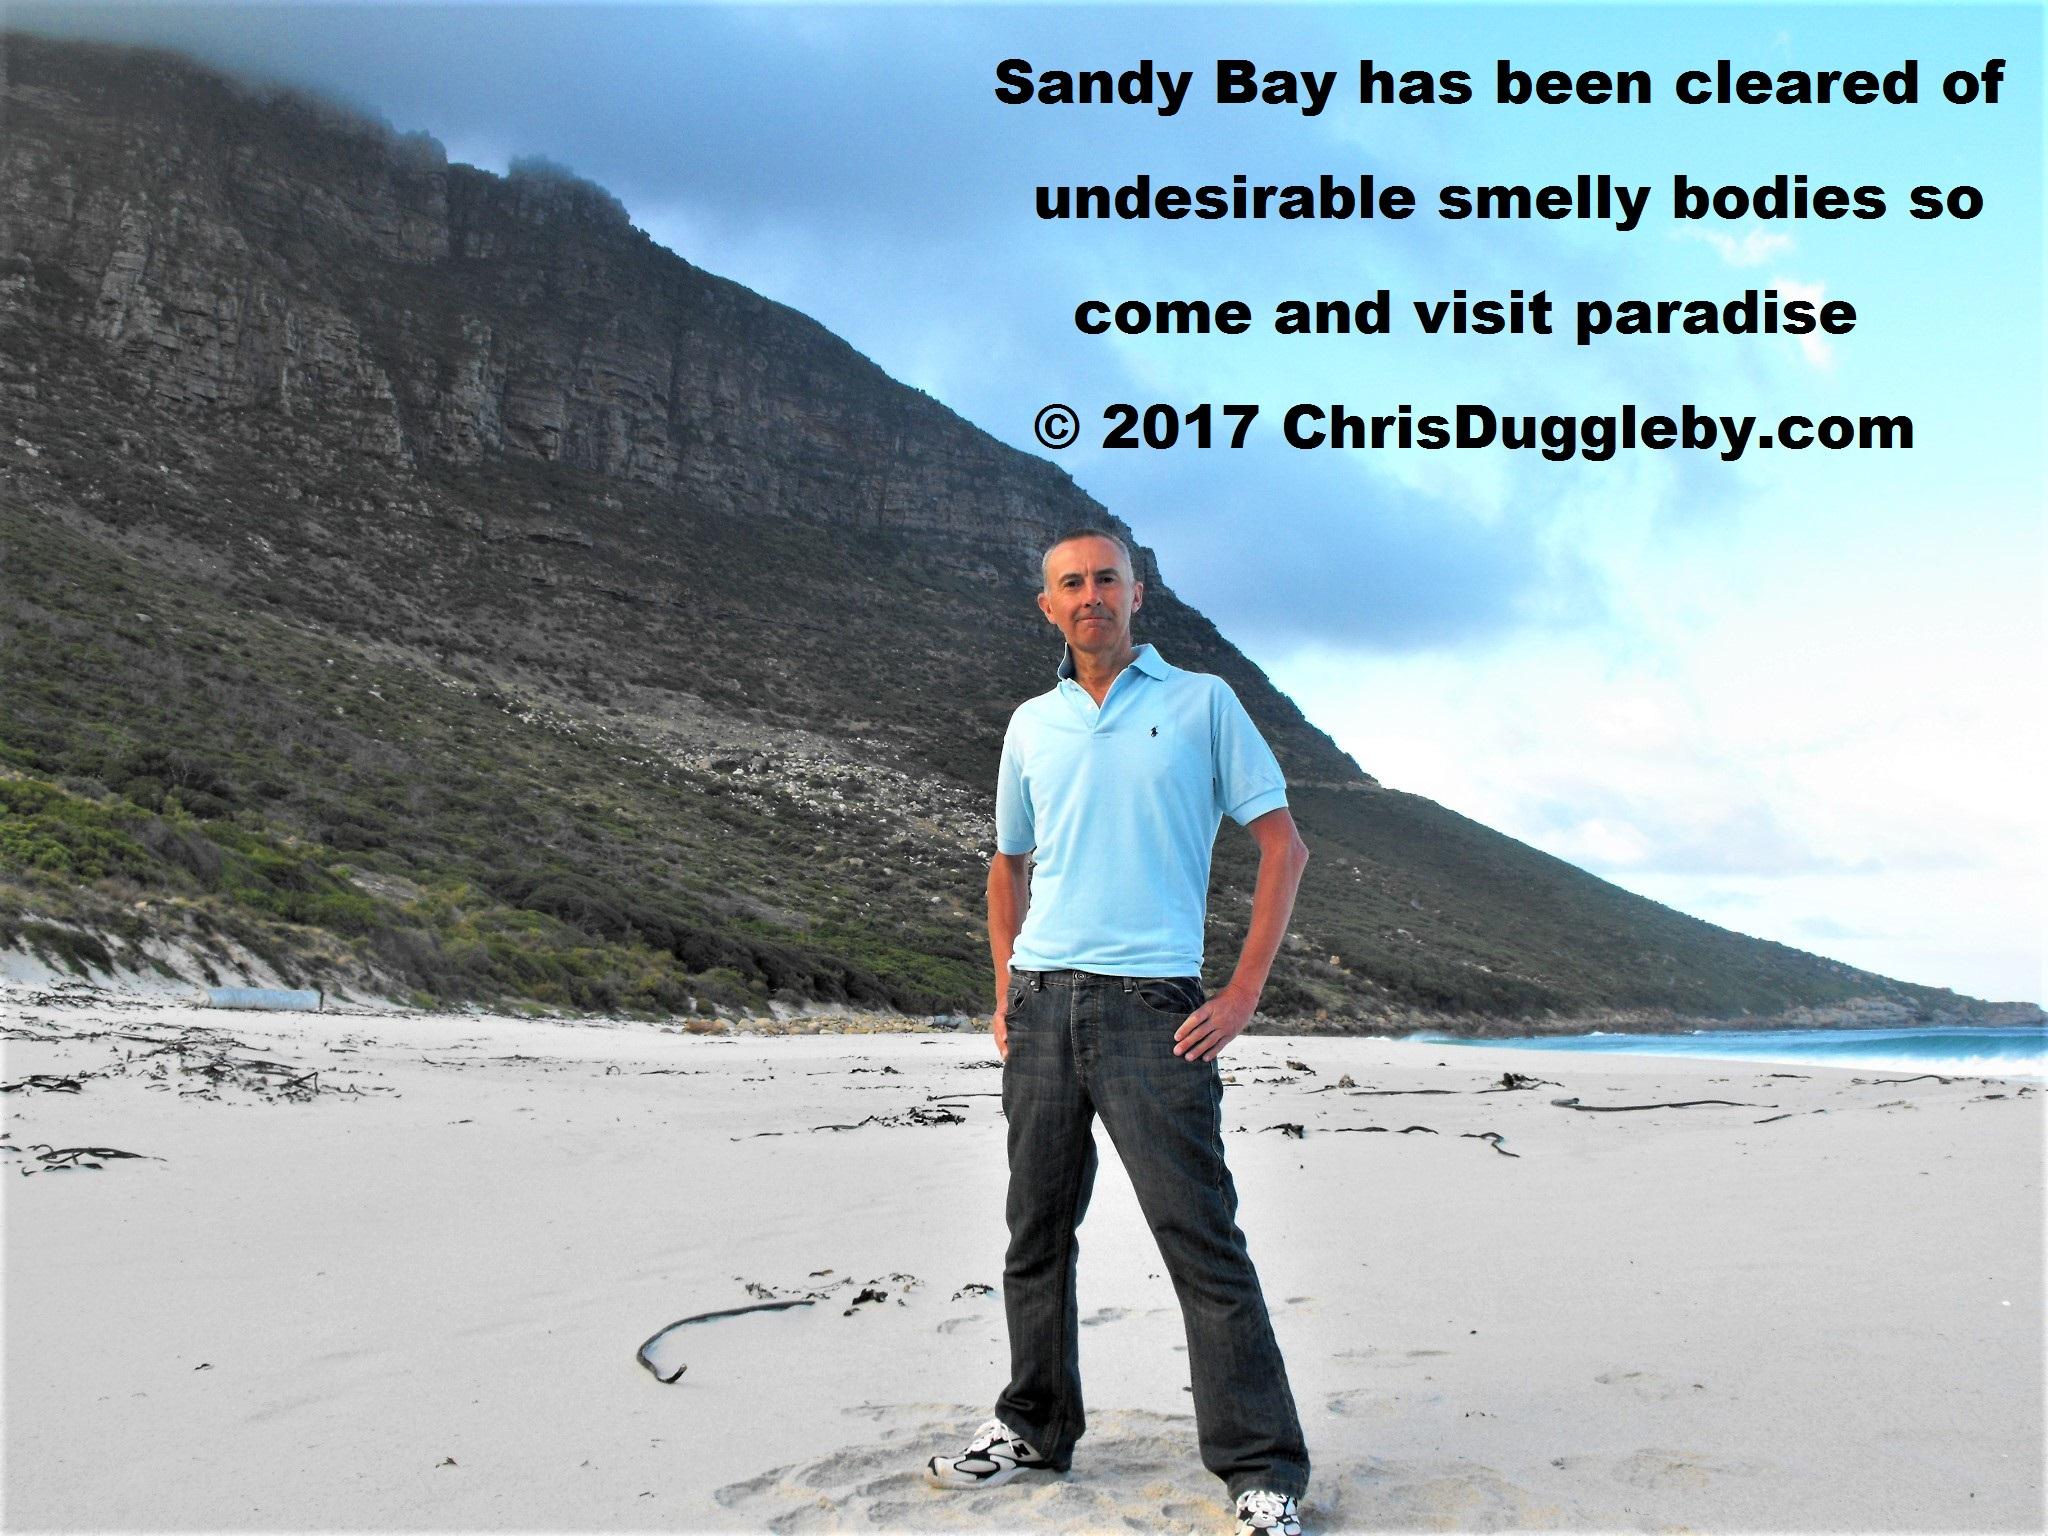 Gay Sandy Bay Bilder